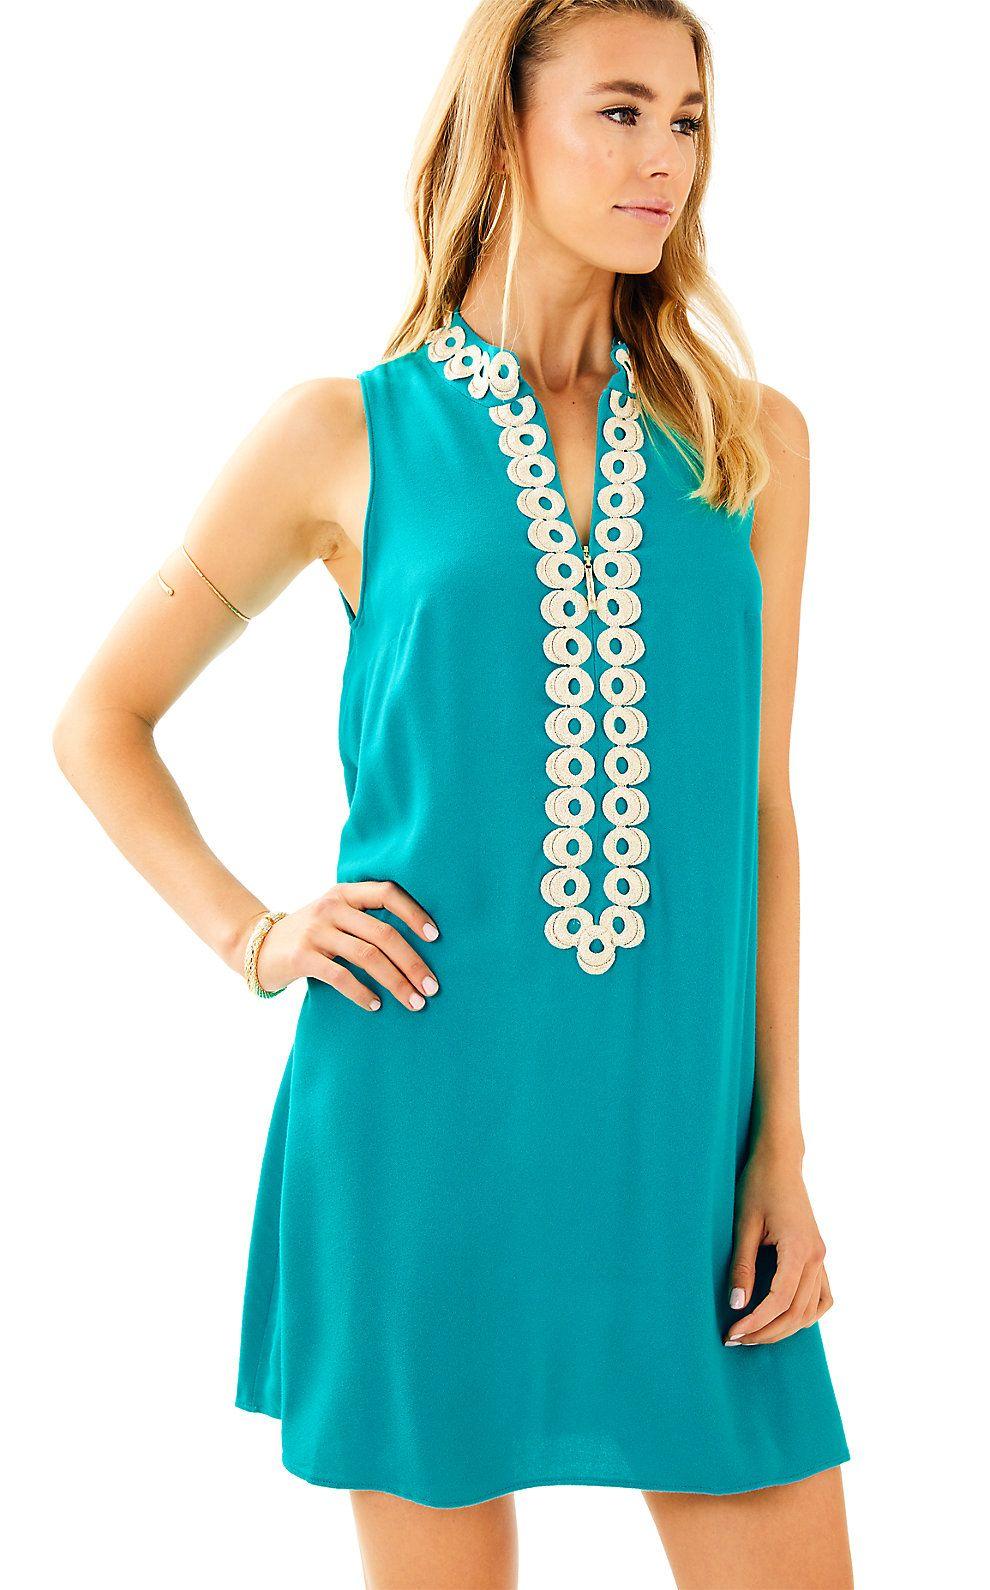 d02271f54f4 Jane Shift   Products   Dress bra, Lilly pulitzer, Tunic tops